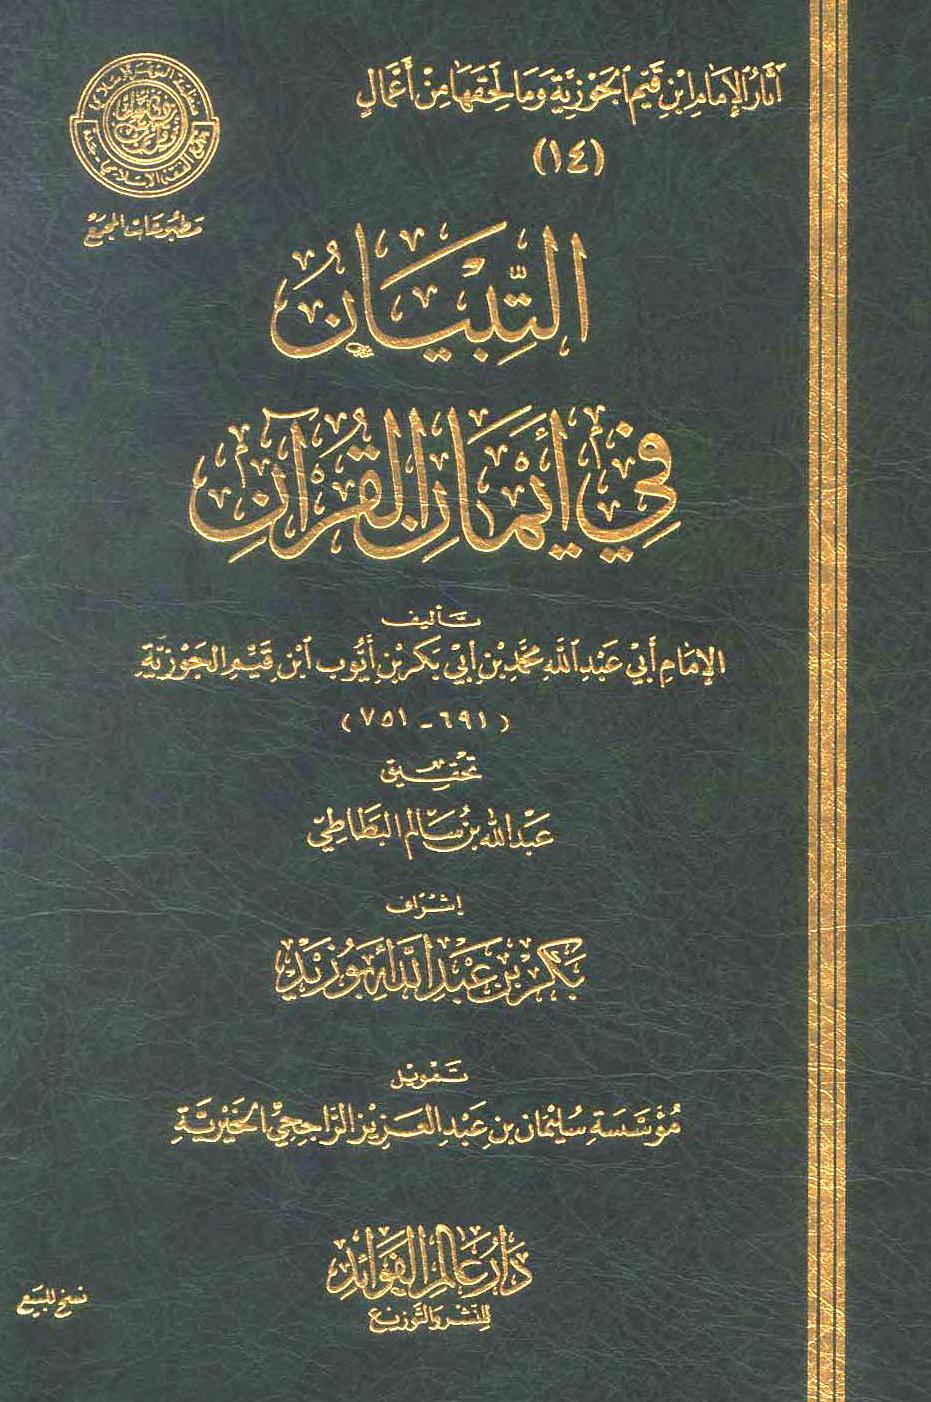 تحميل كتاب التبيان في أيمان القرآن (ط. المجمع) لـِ: الإمام محمد بن أبي بكر بن أيوب بن سعد شمس الدين، ابن قيم الجوزية (ت 751)